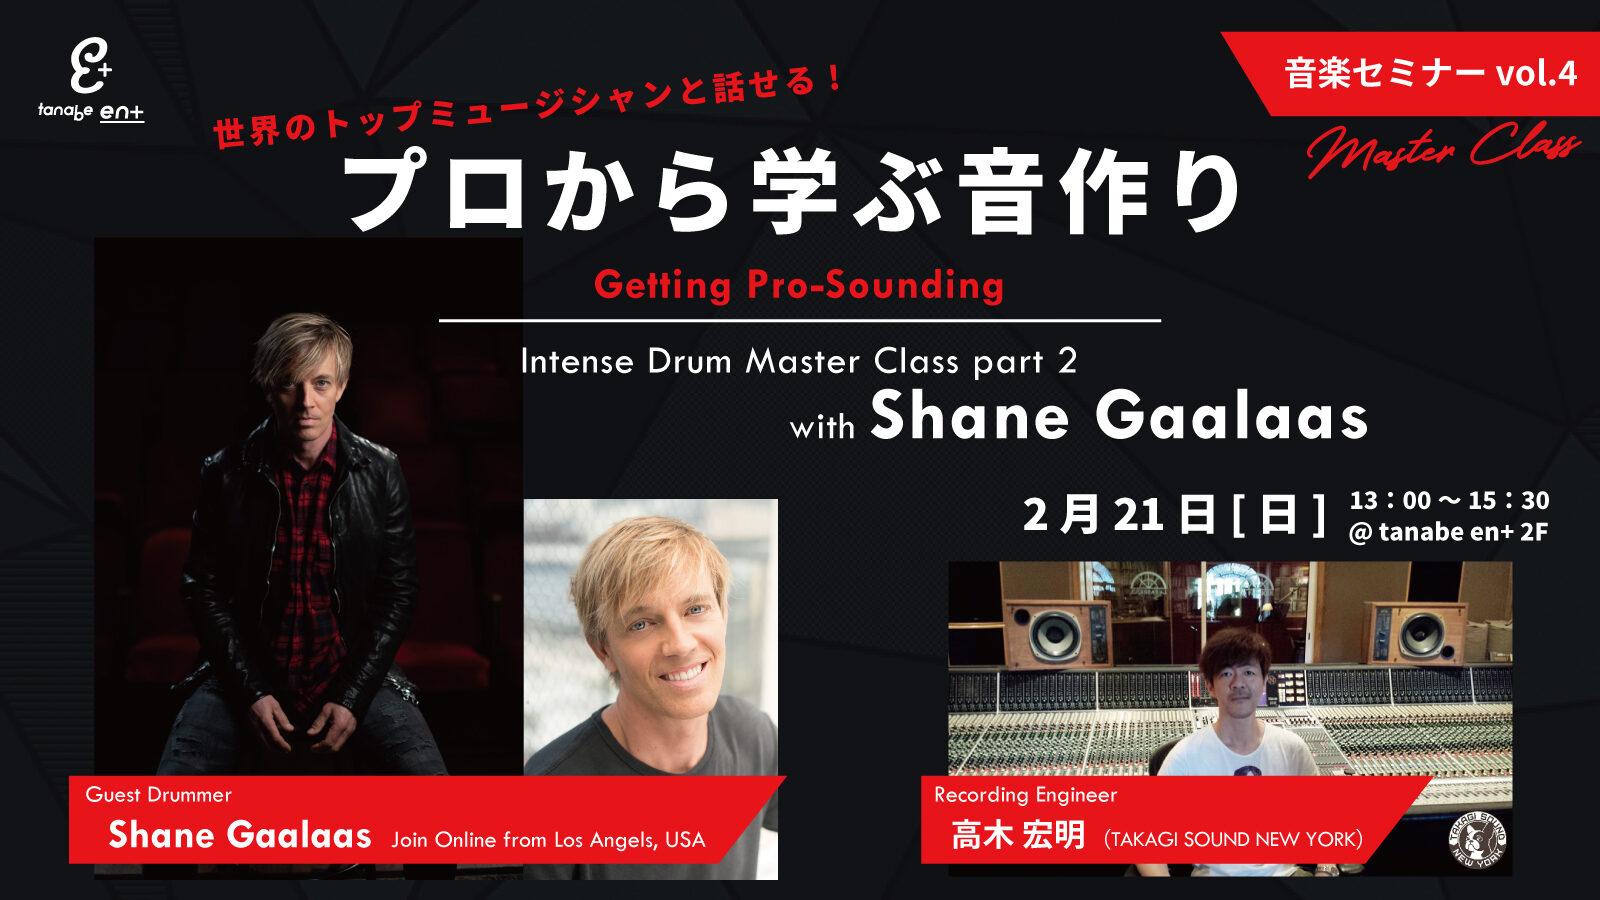 世界のトップミュージシャンと話せる音楽セミナーvol.4 『プロから学ぶ音作り with Shane Gaalaas』